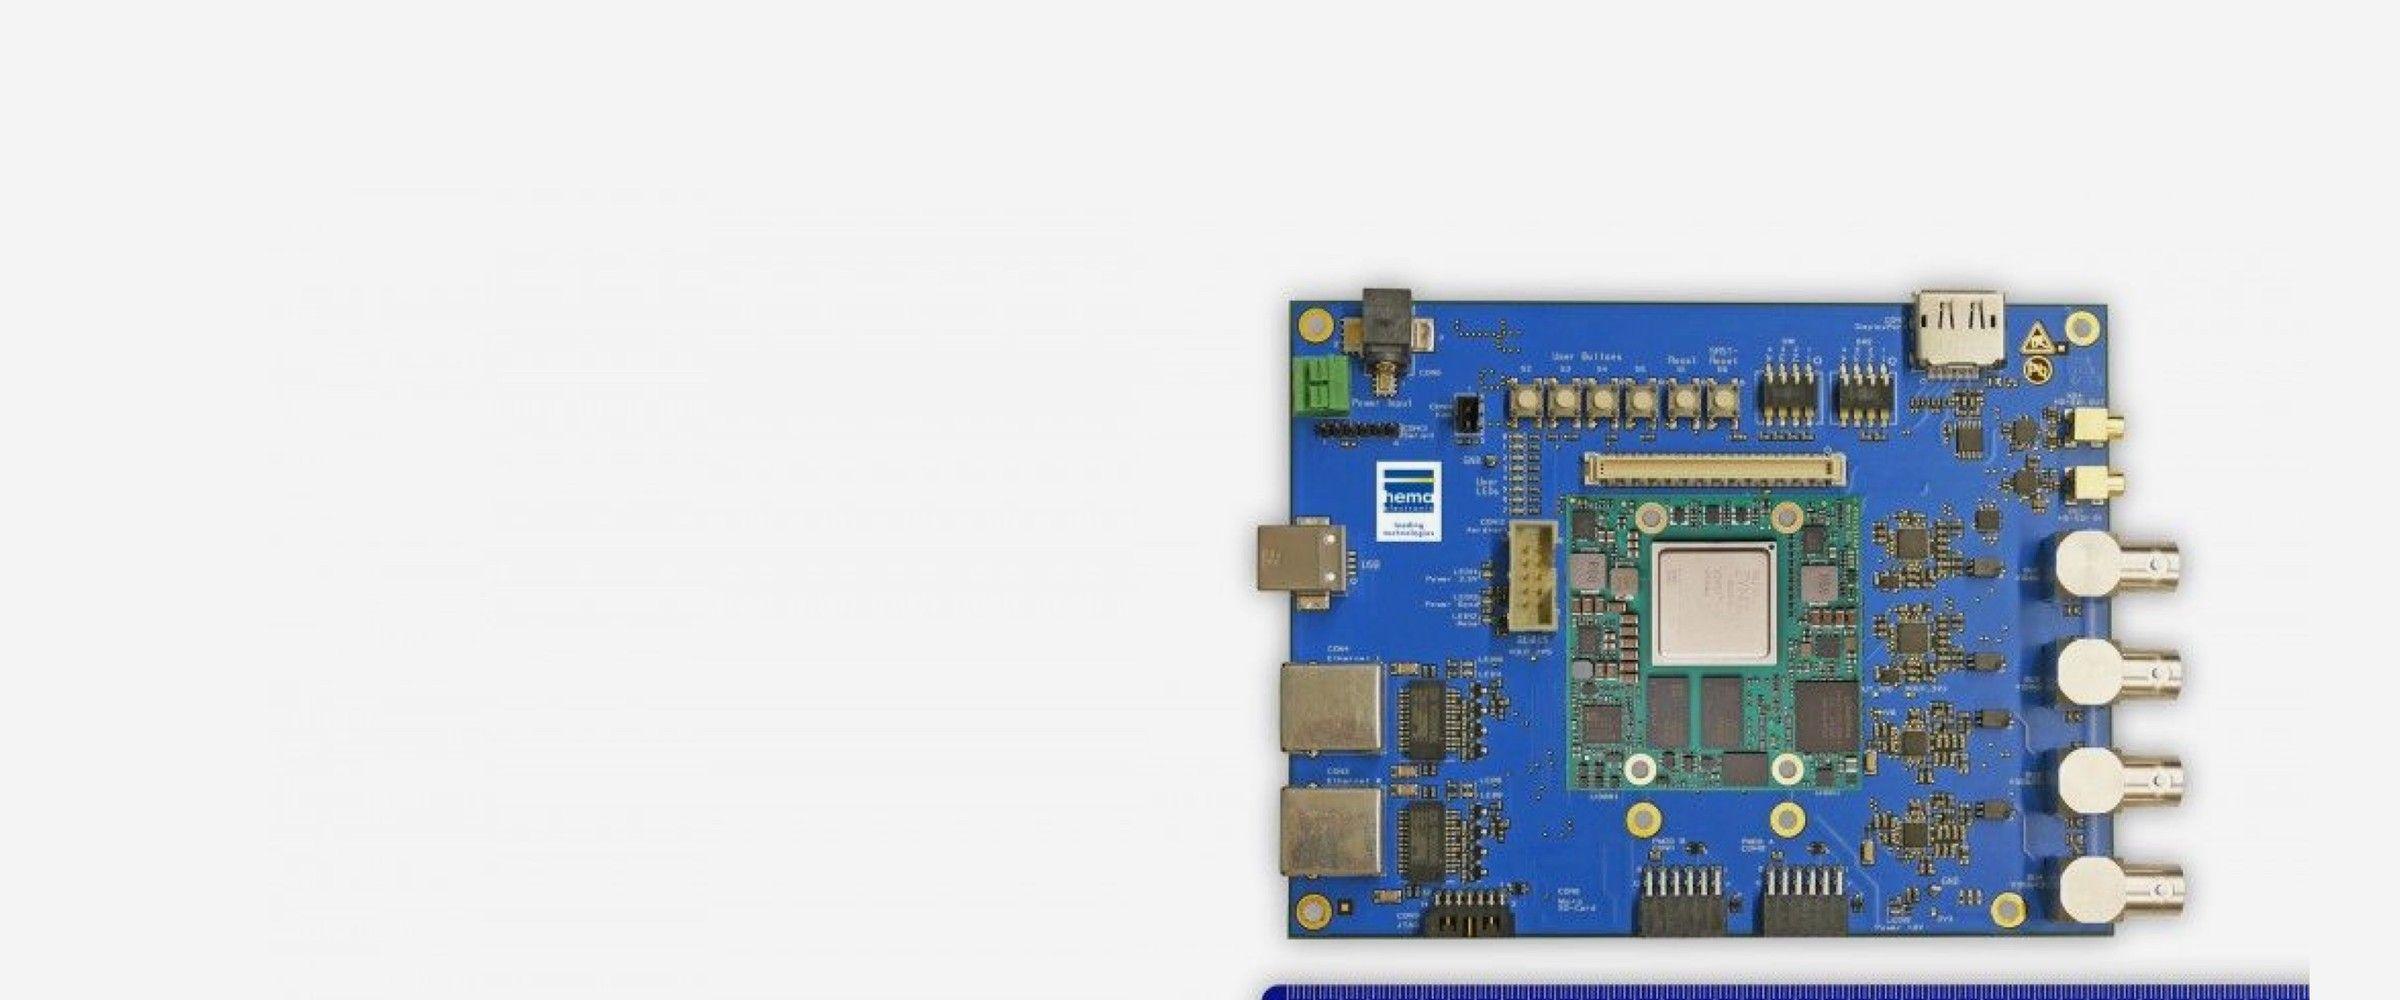 Embedded Vision Board mit FPGA-Modul für Videostreaming von hema electronic GmbH